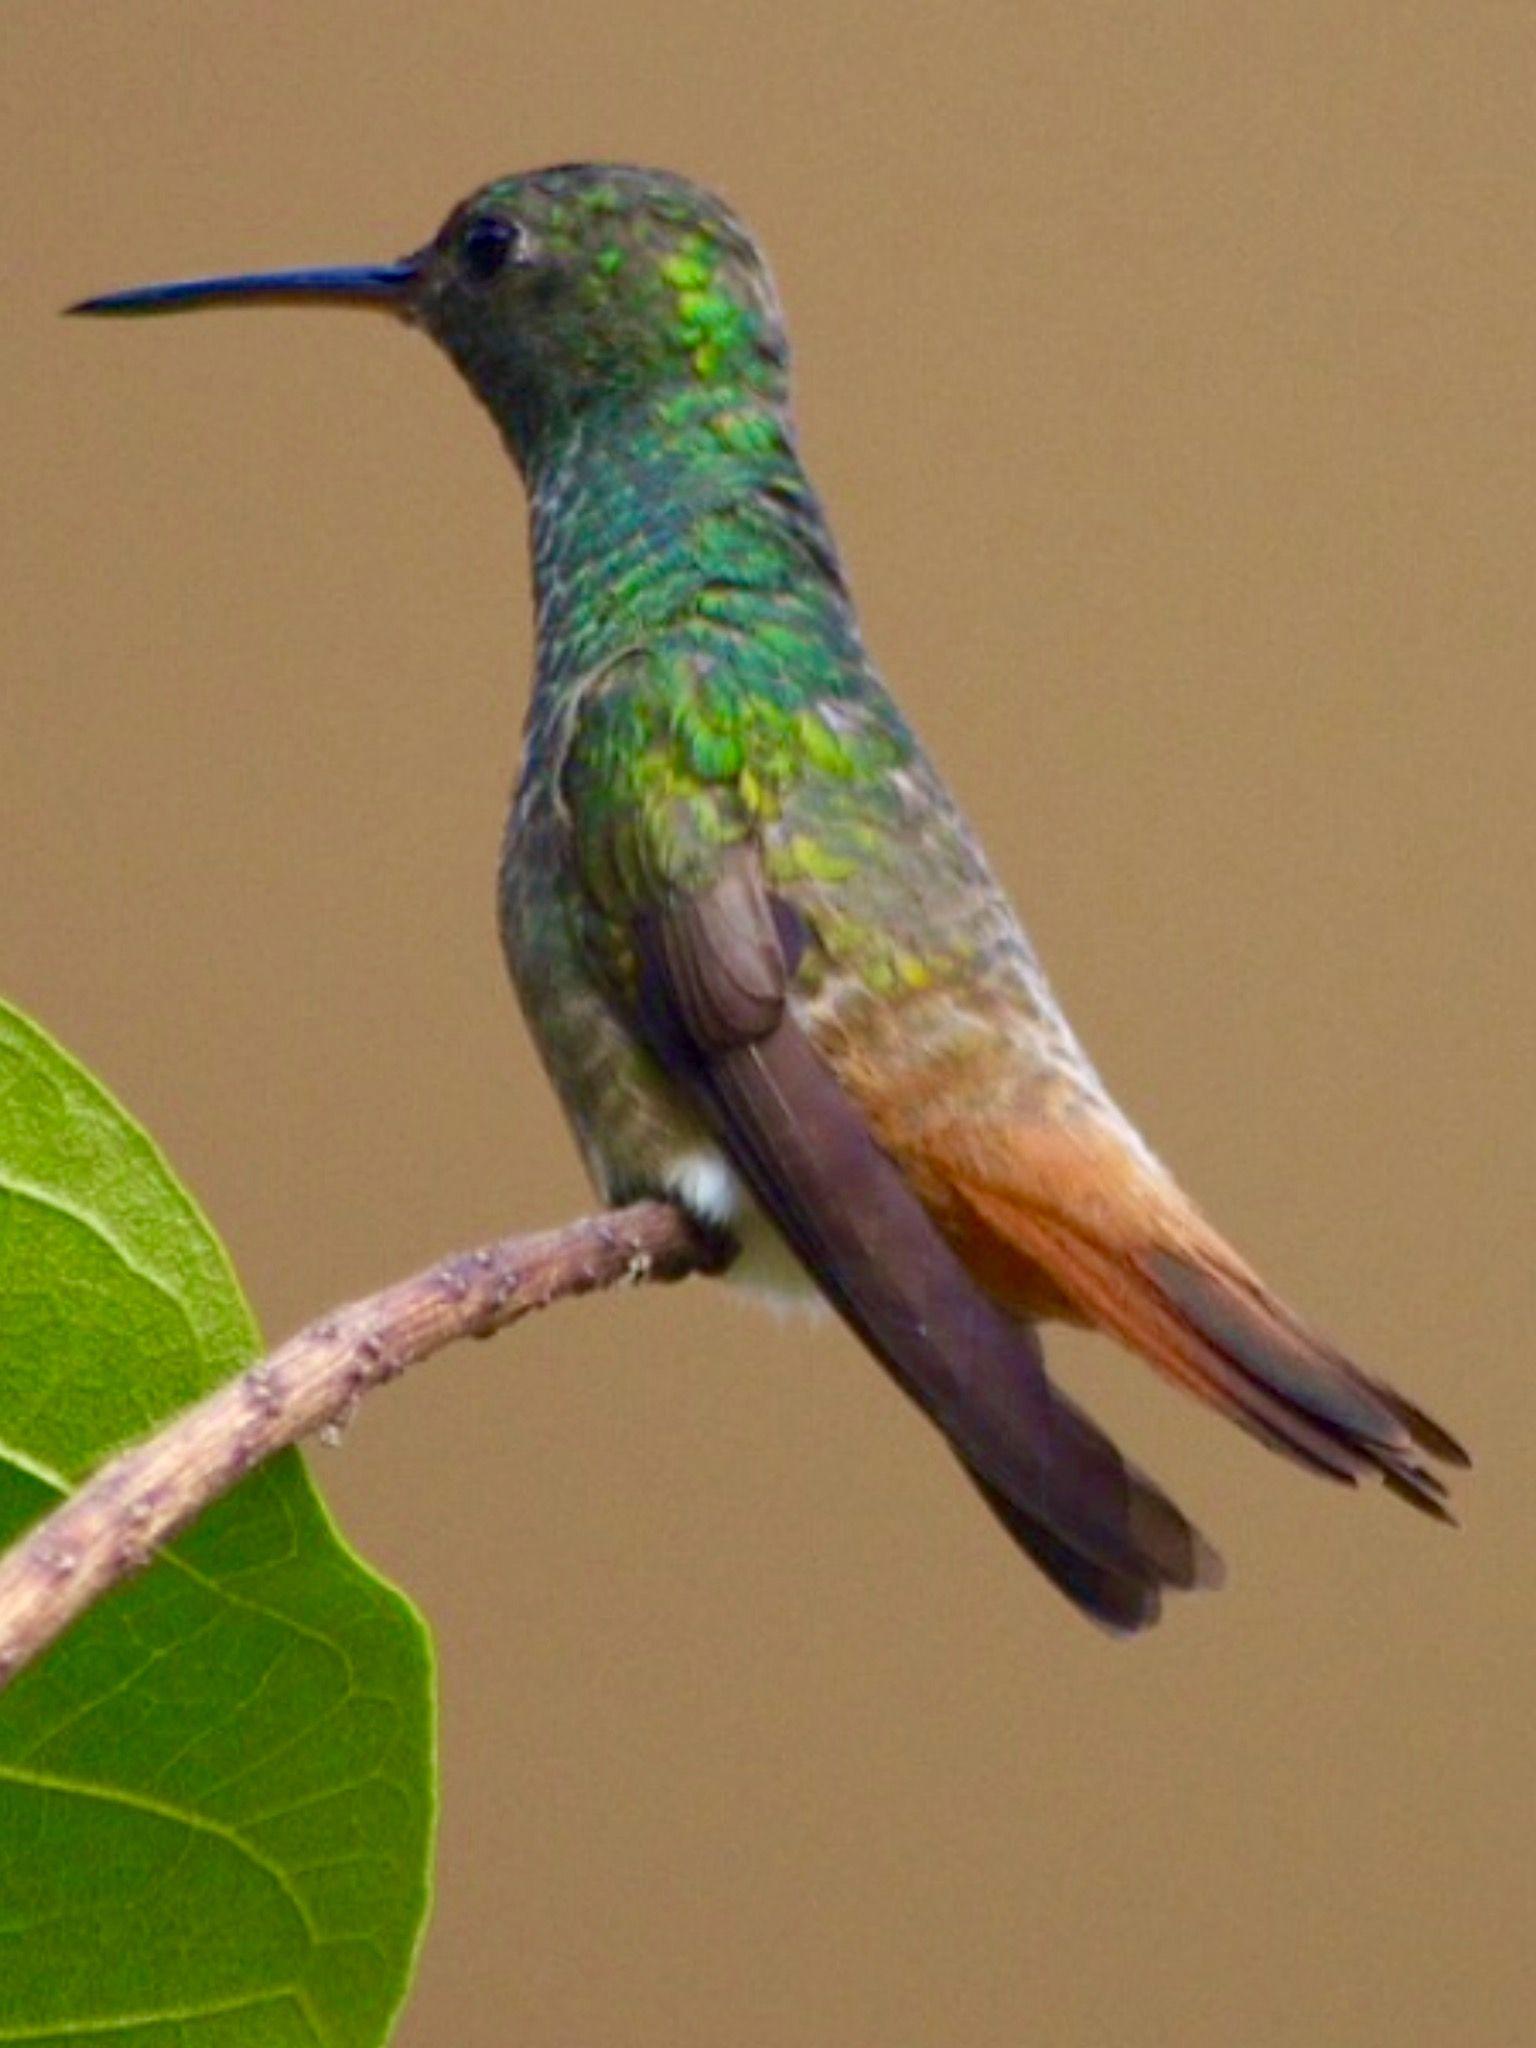 Copper-tailed Humming-bird, Saucerottia cuprei-cauda: (c) Armida Madngisa, nature-myview.com